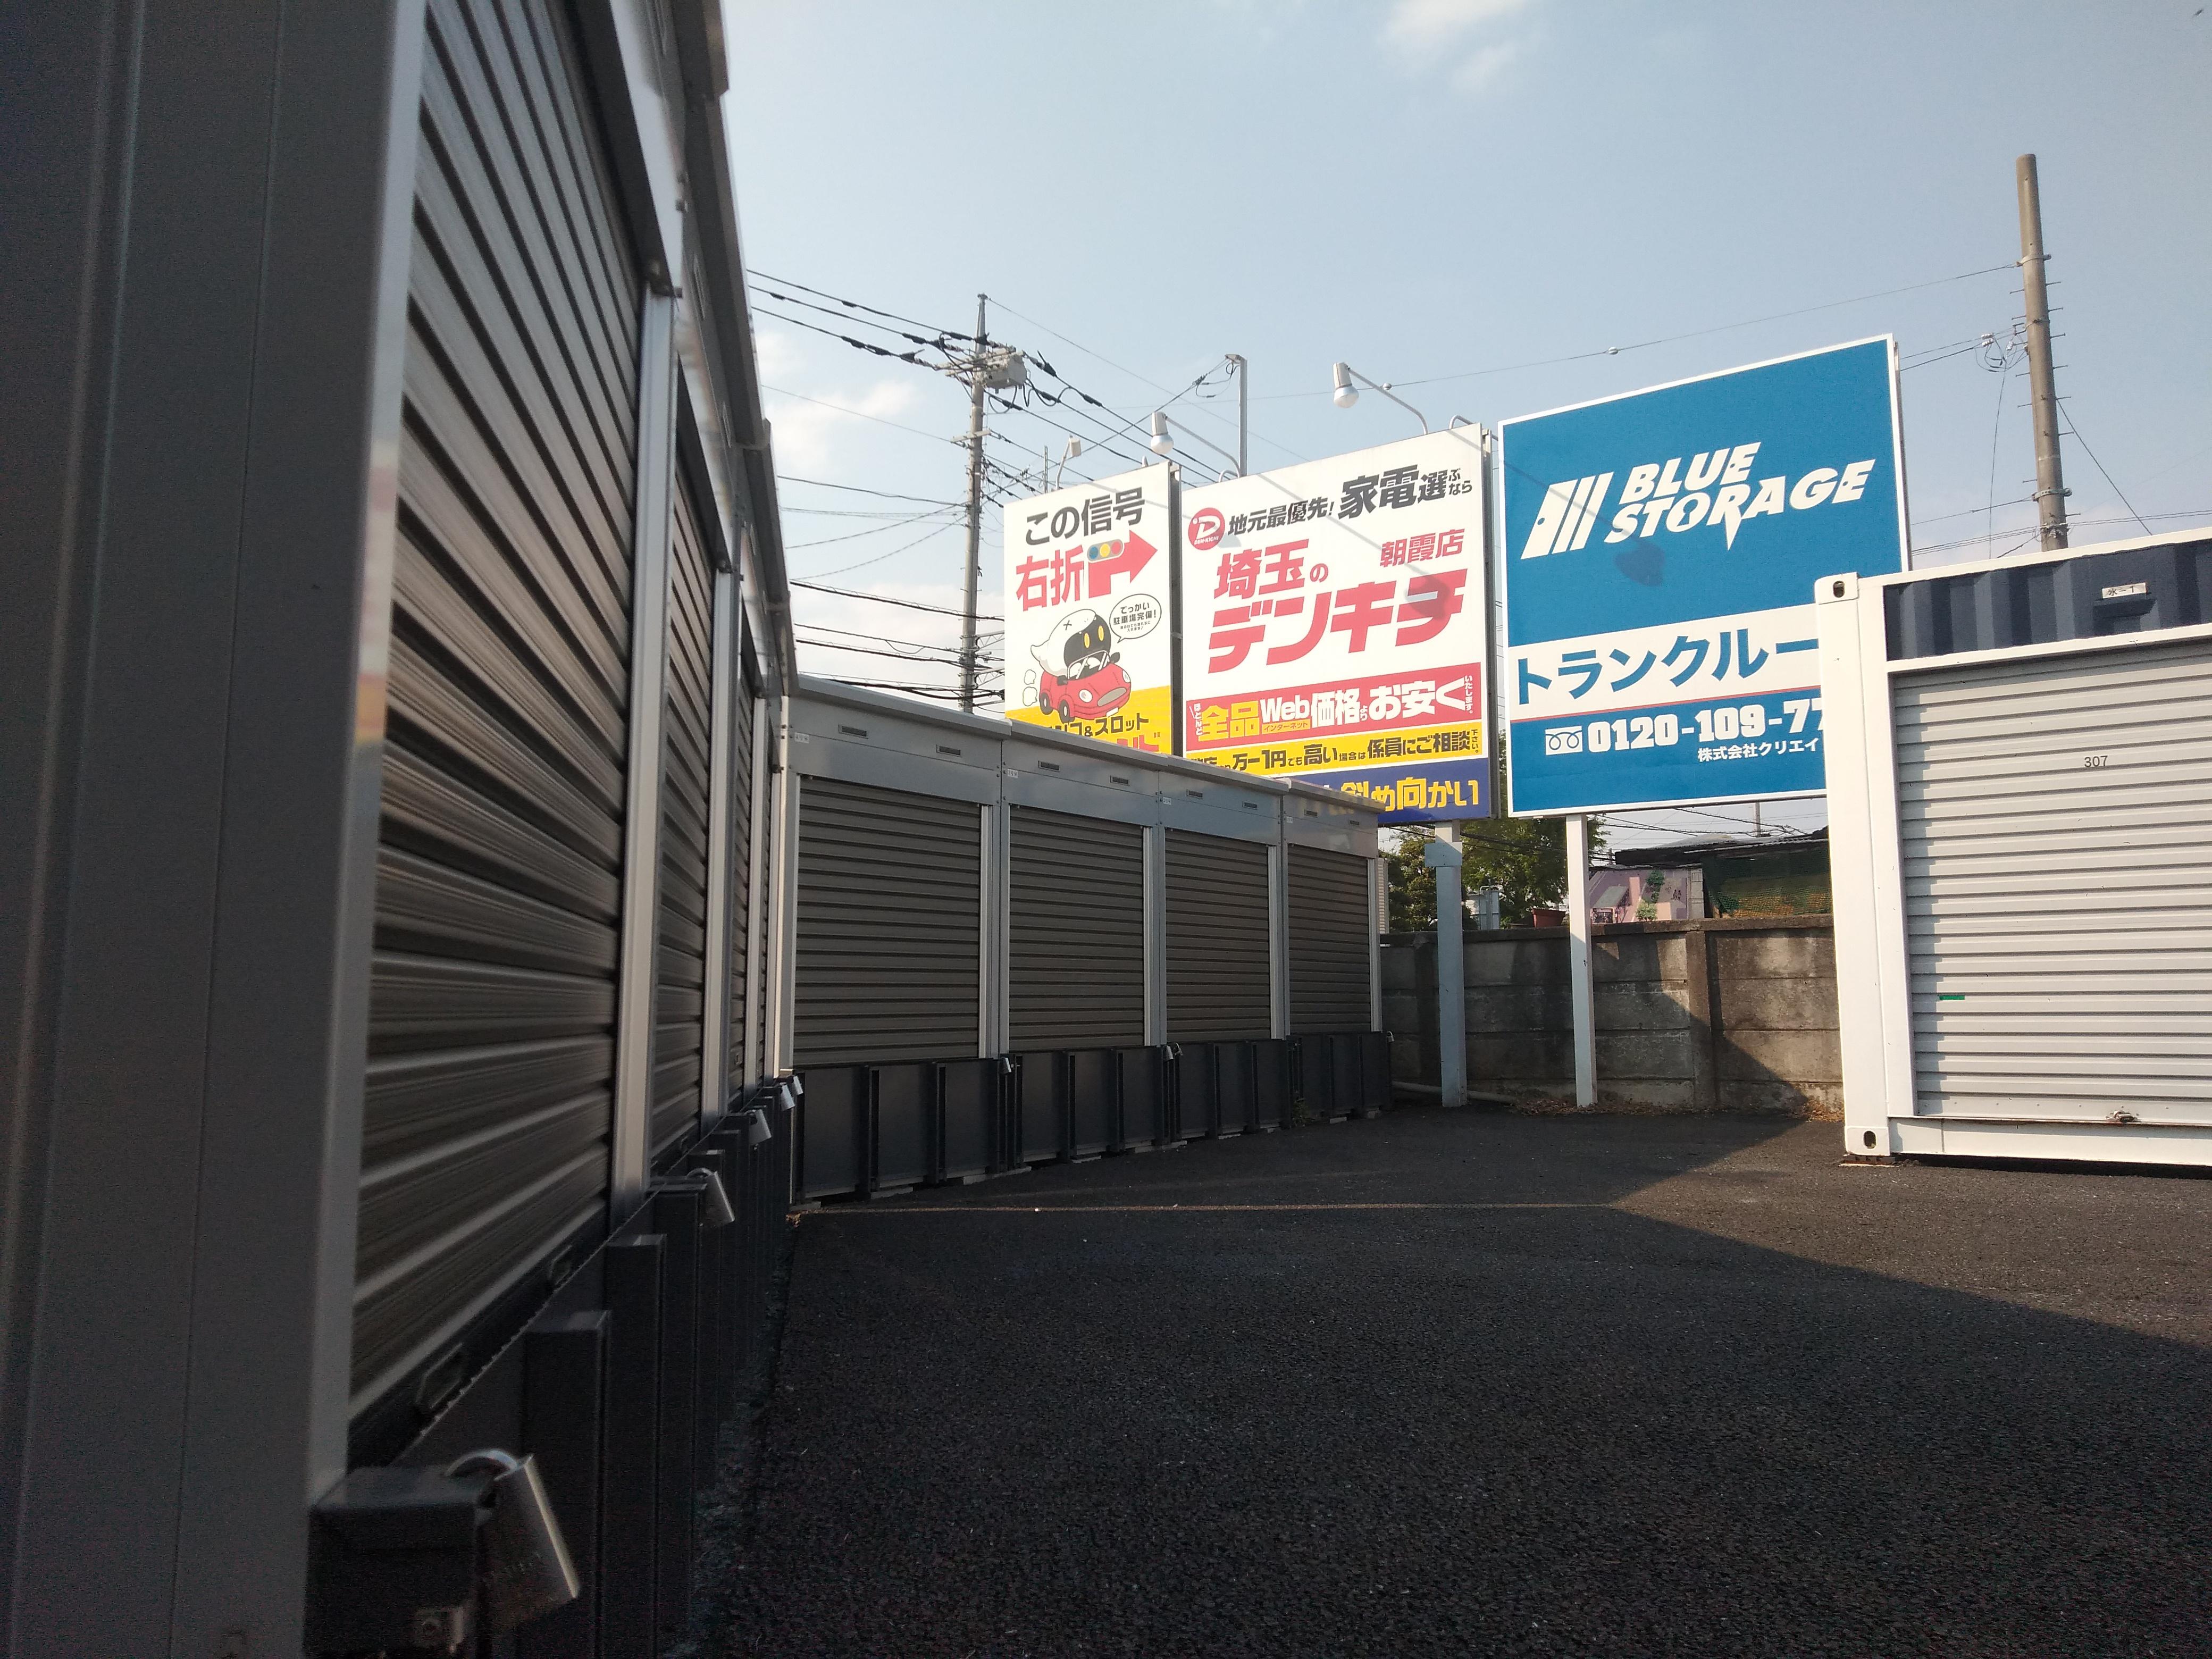 バイクストレージ朝霞市泉水P1